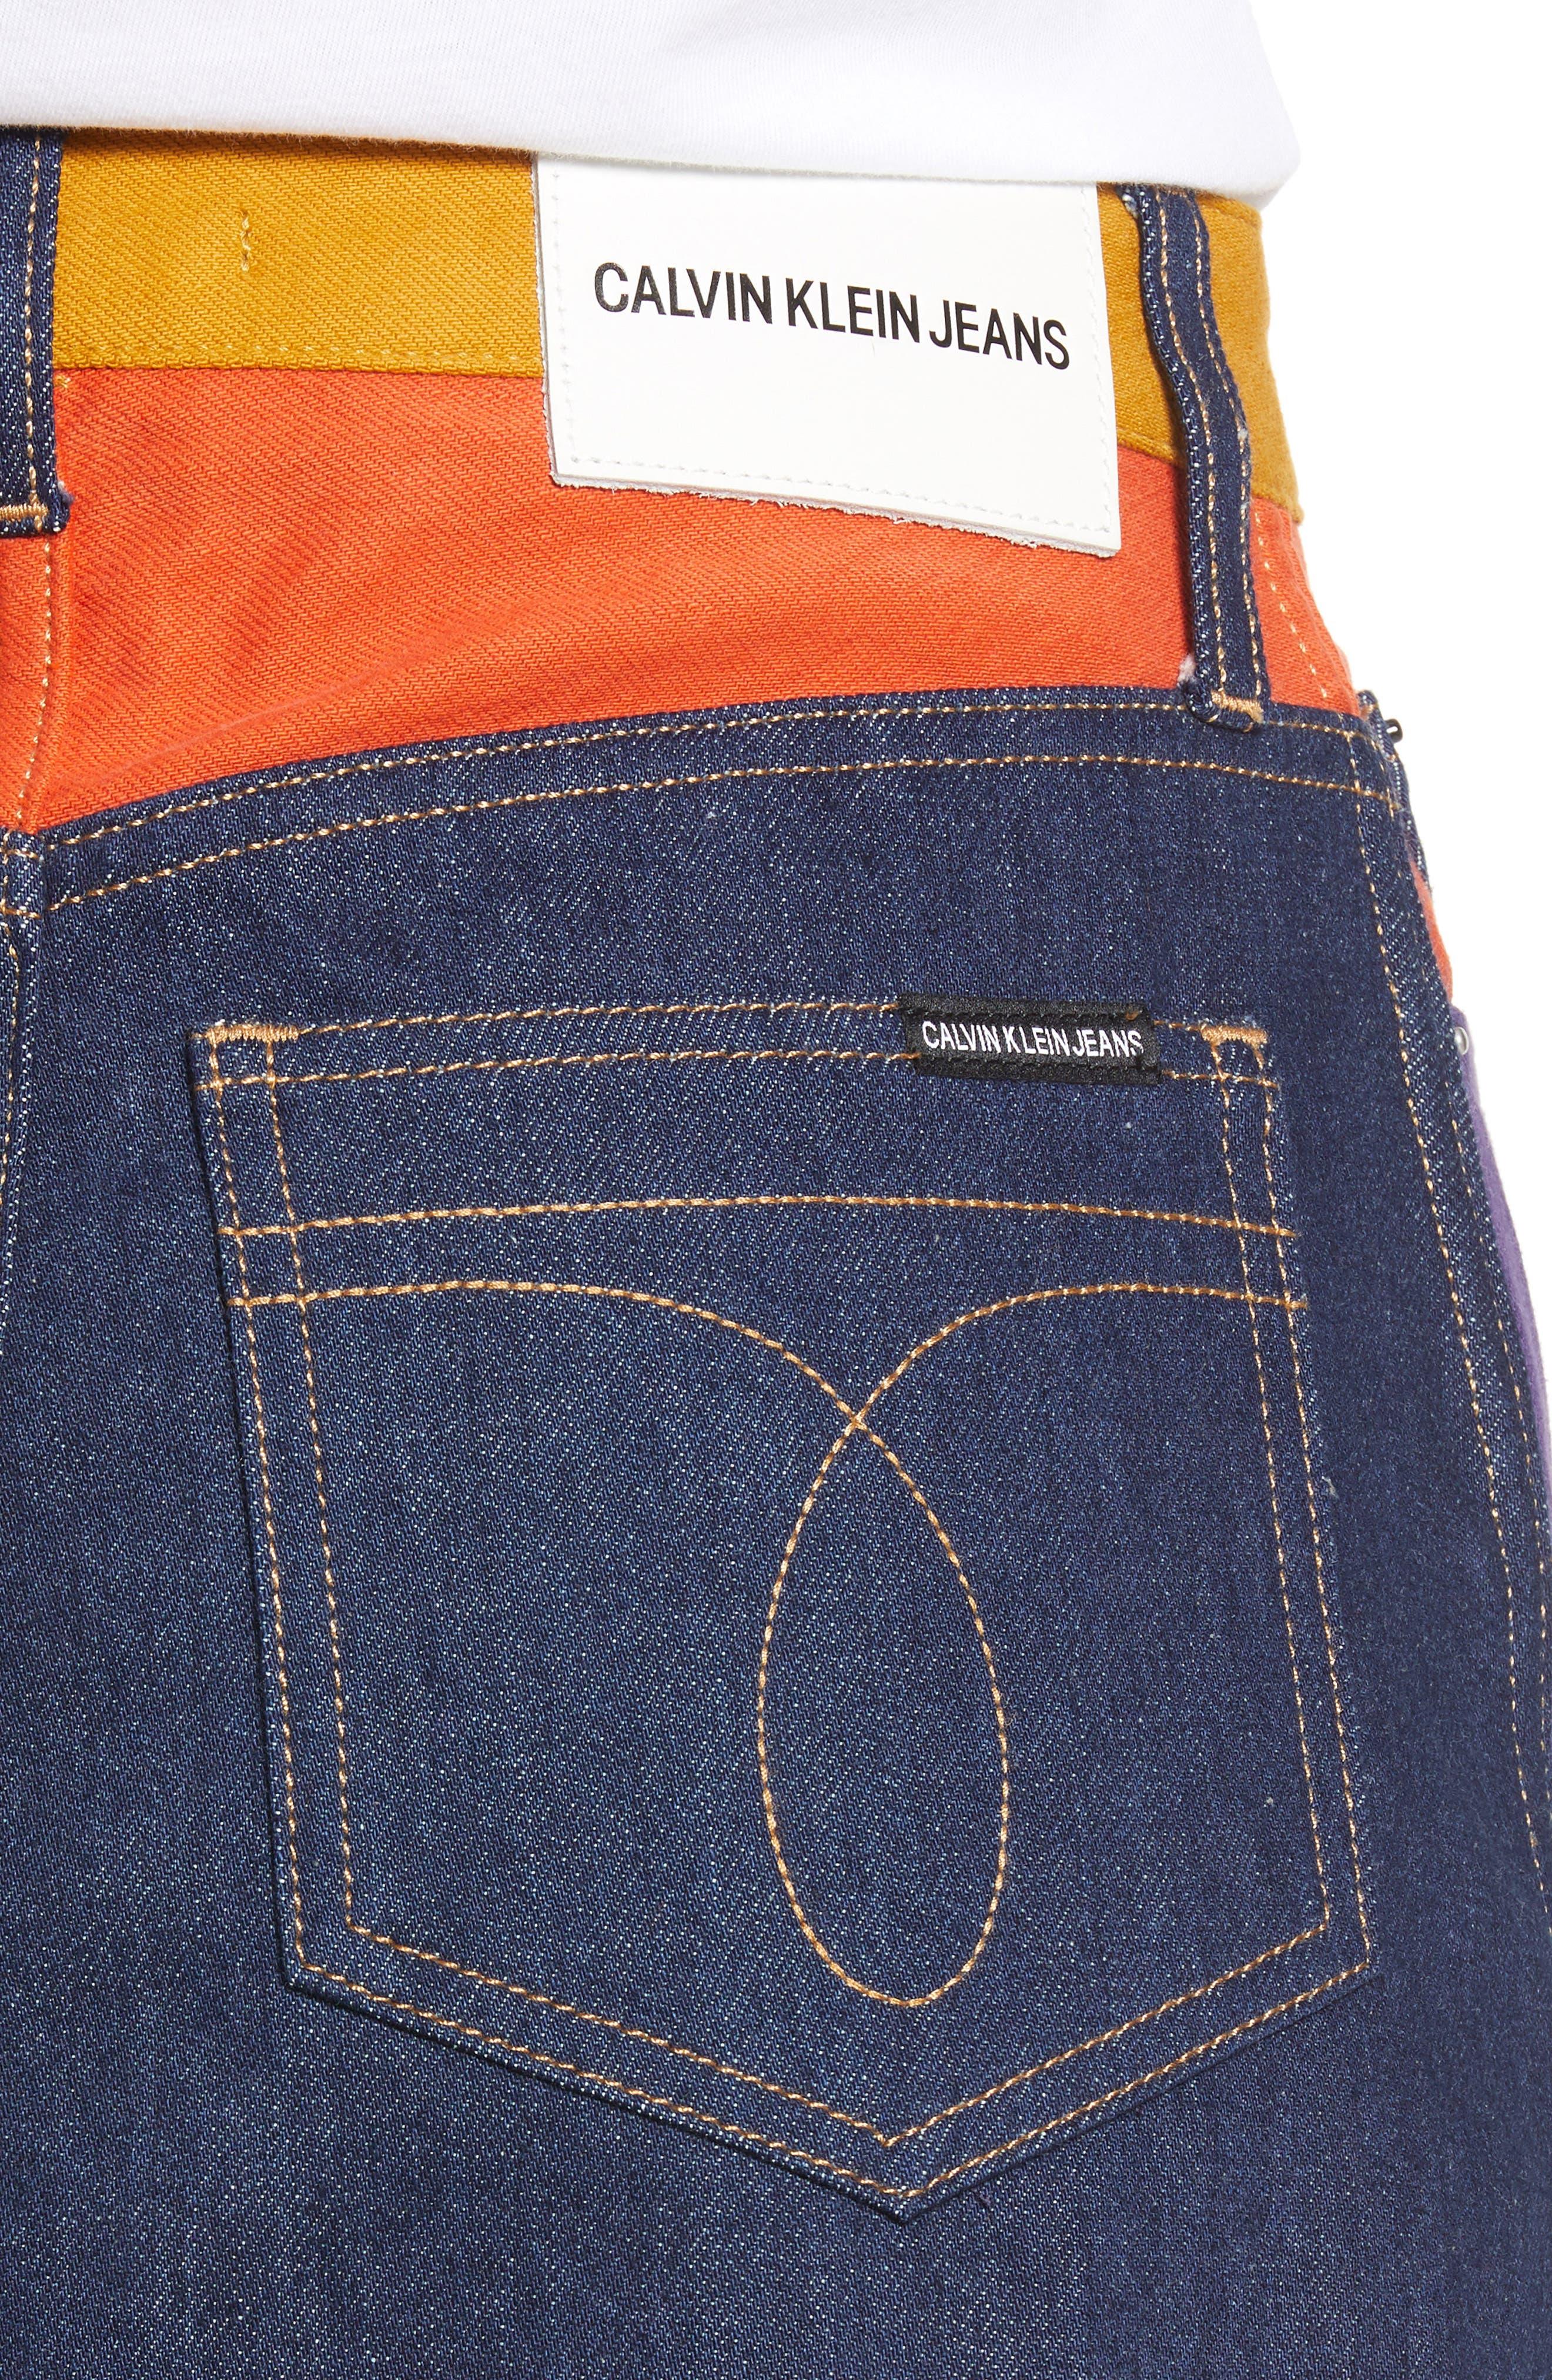 HR Miniskirt,                             Alternate thumbnail 4, color,                             UKELELY PATCH